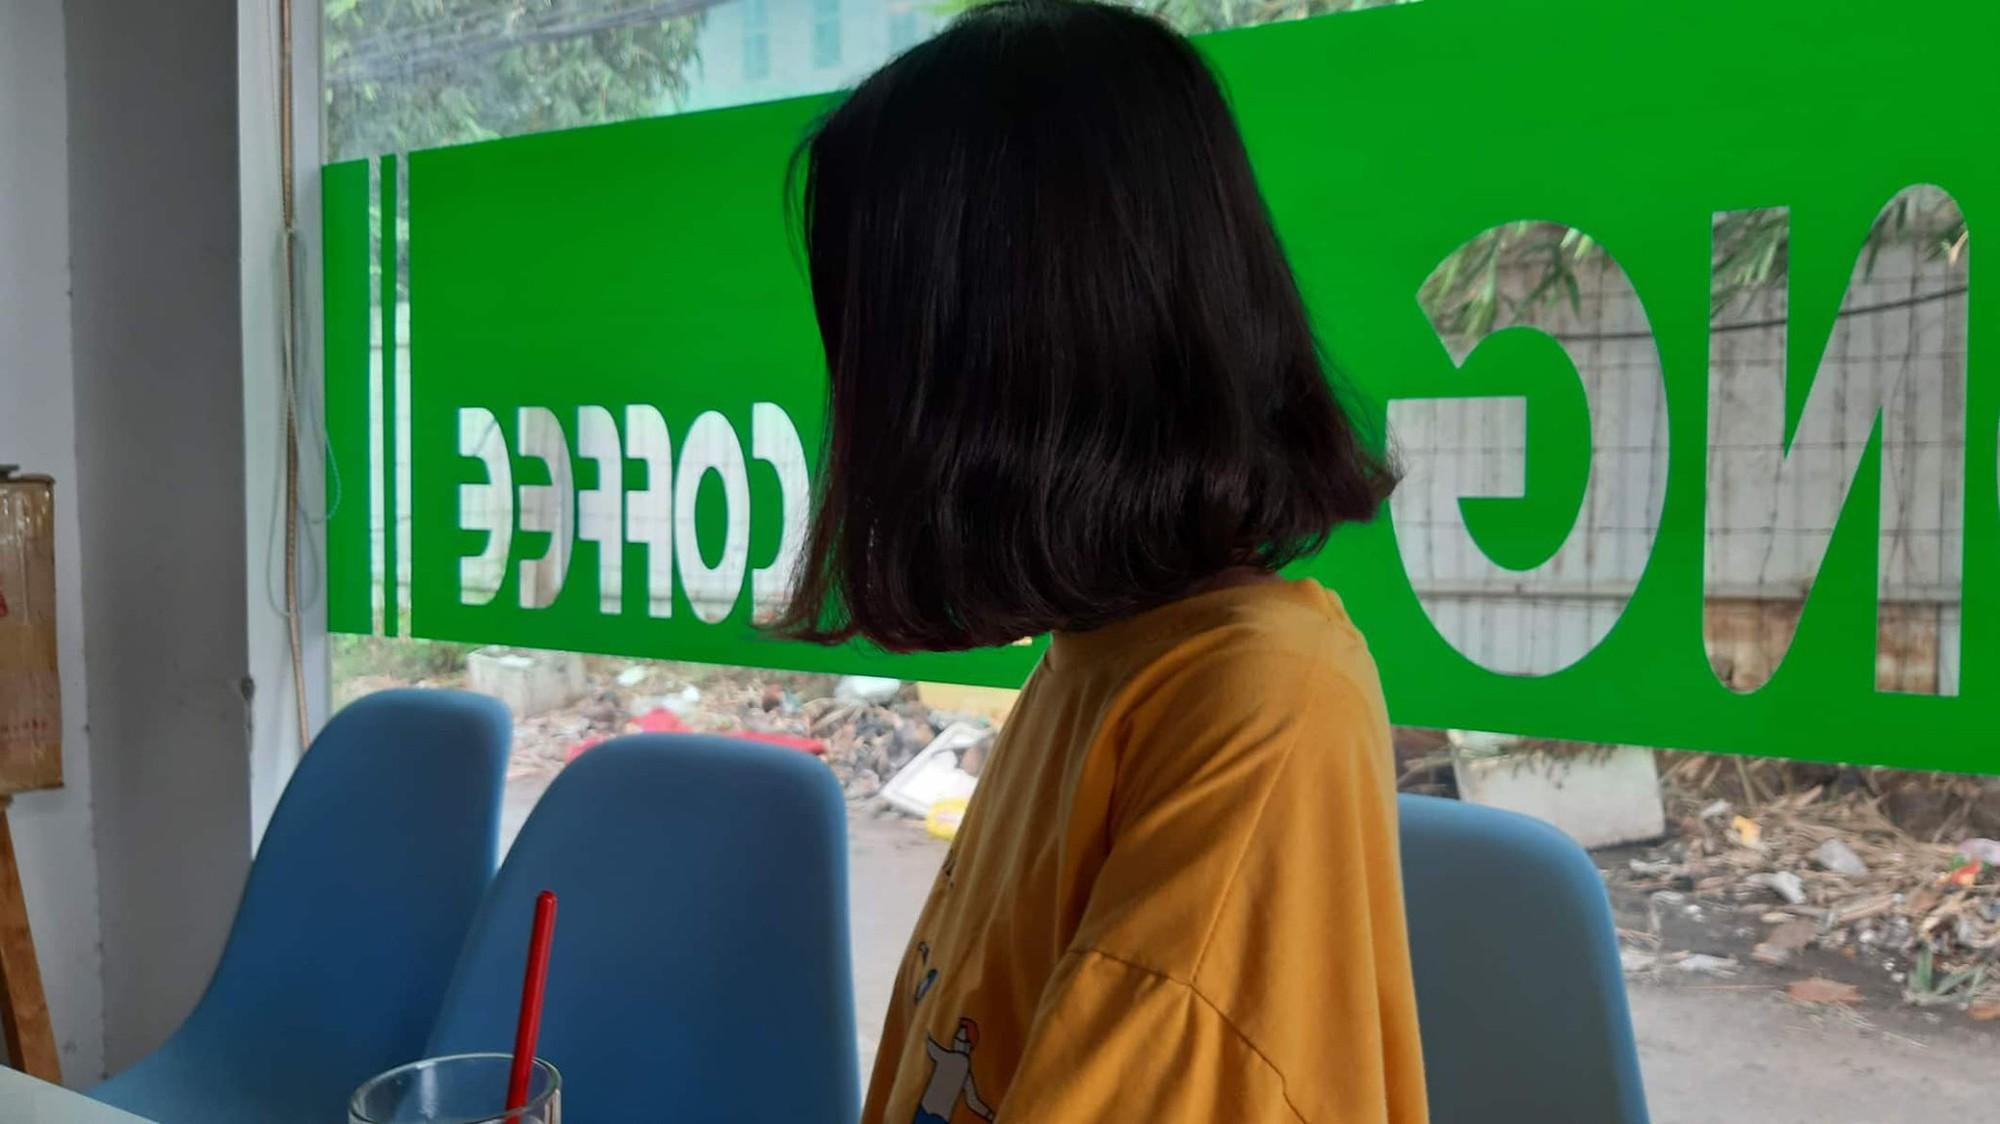 Nữ sinh bị sàm sỡ nhận được tin nhắn từ FB của người xưng là vợ phụ xe Phương Trang: Chị ấy nói ủng hộ em làm đơn tố giác - Ảnh 2.